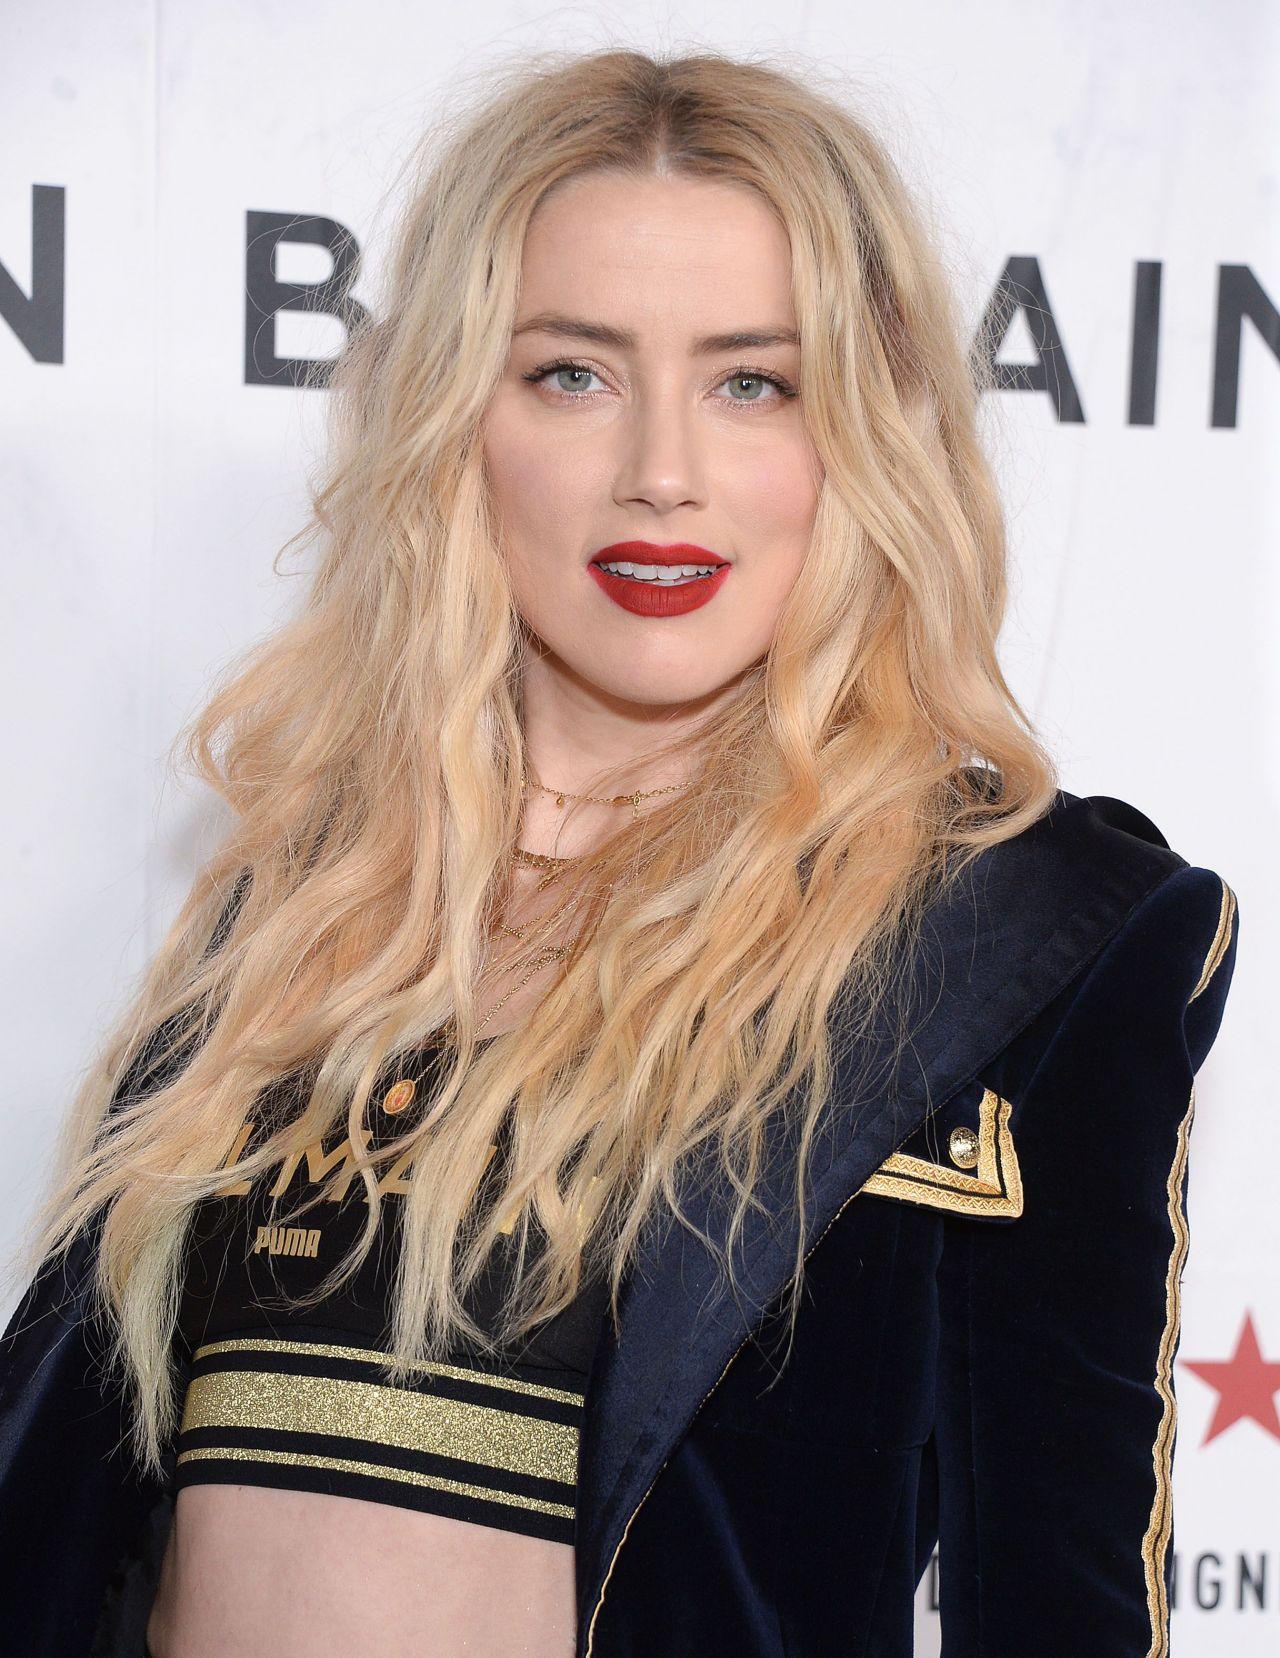 Hot crazy blonde Amber Heard at PUMA x Balmain Launch Event in LA